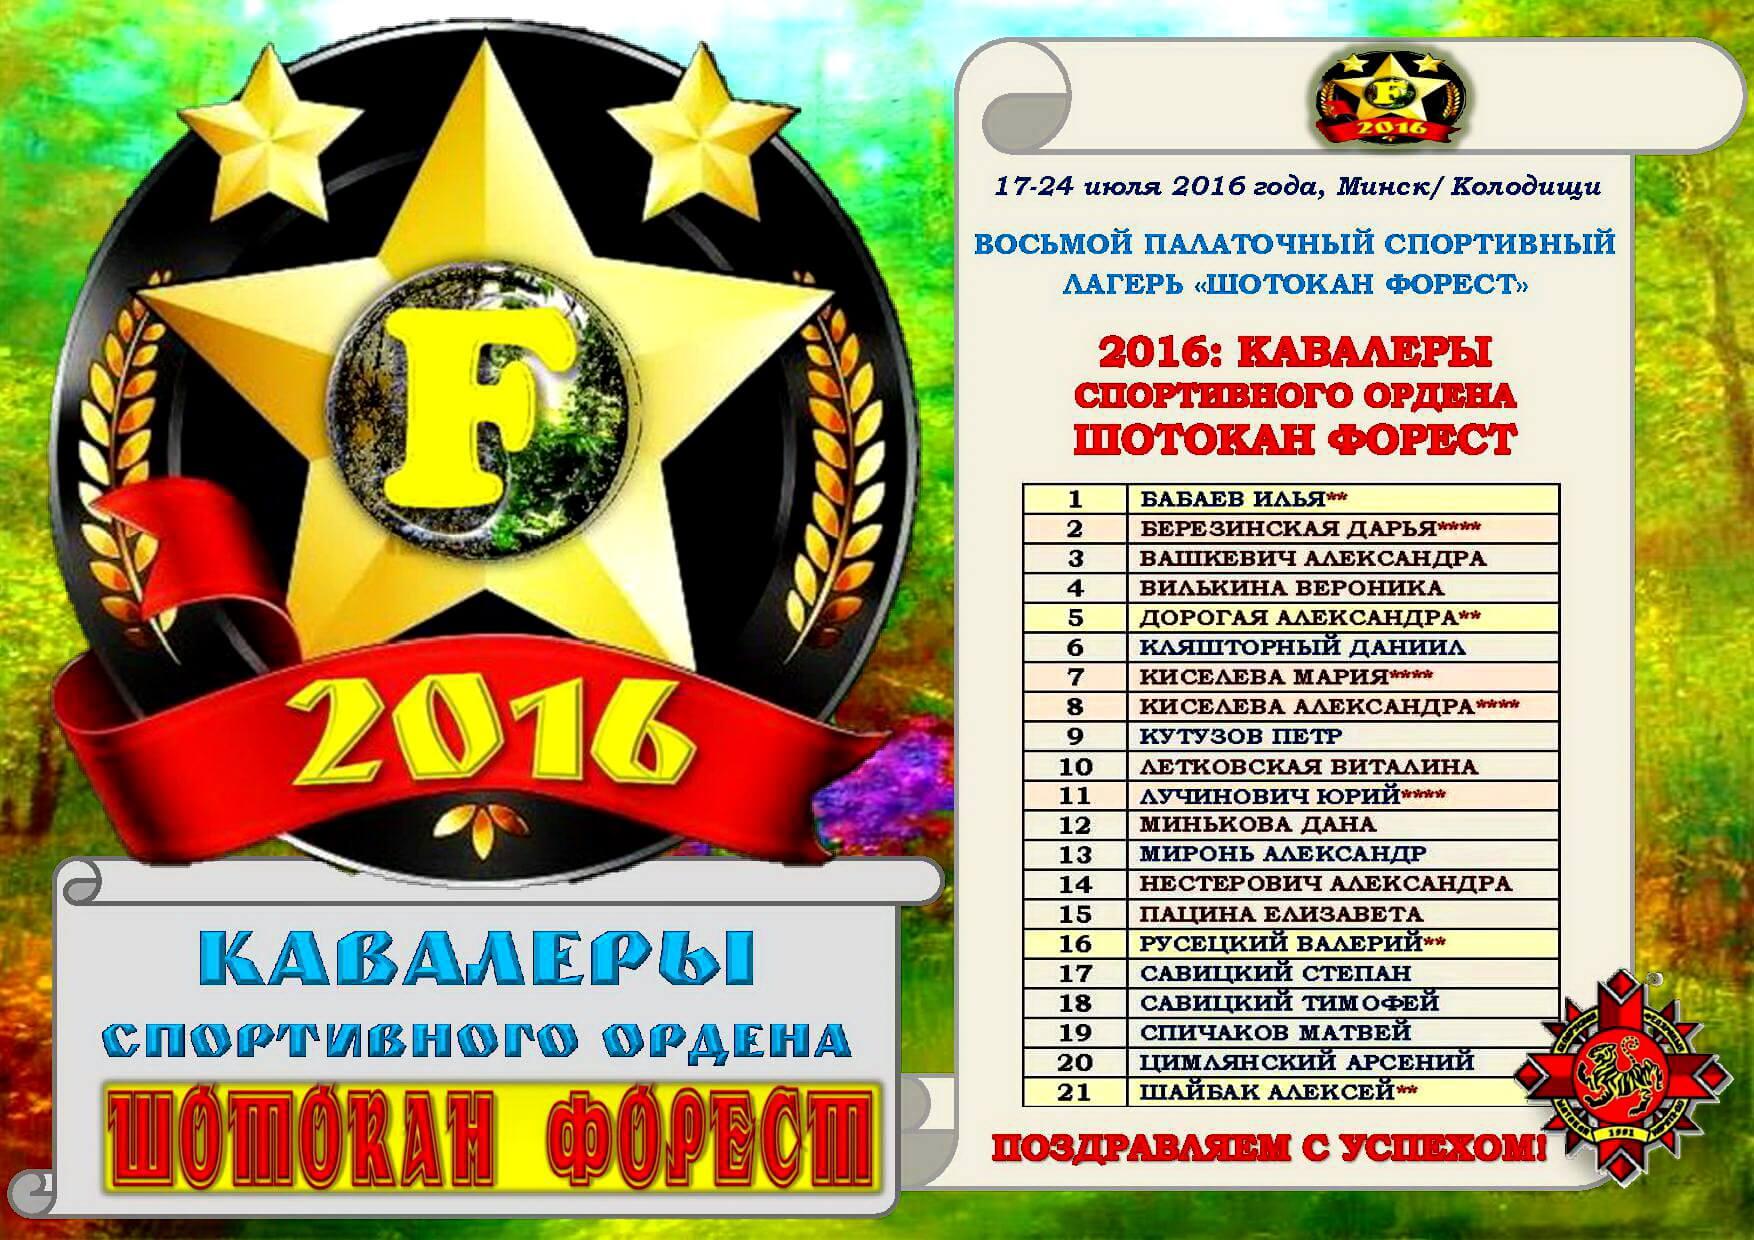 Шотокан форест-2016 Кавалеры ордена